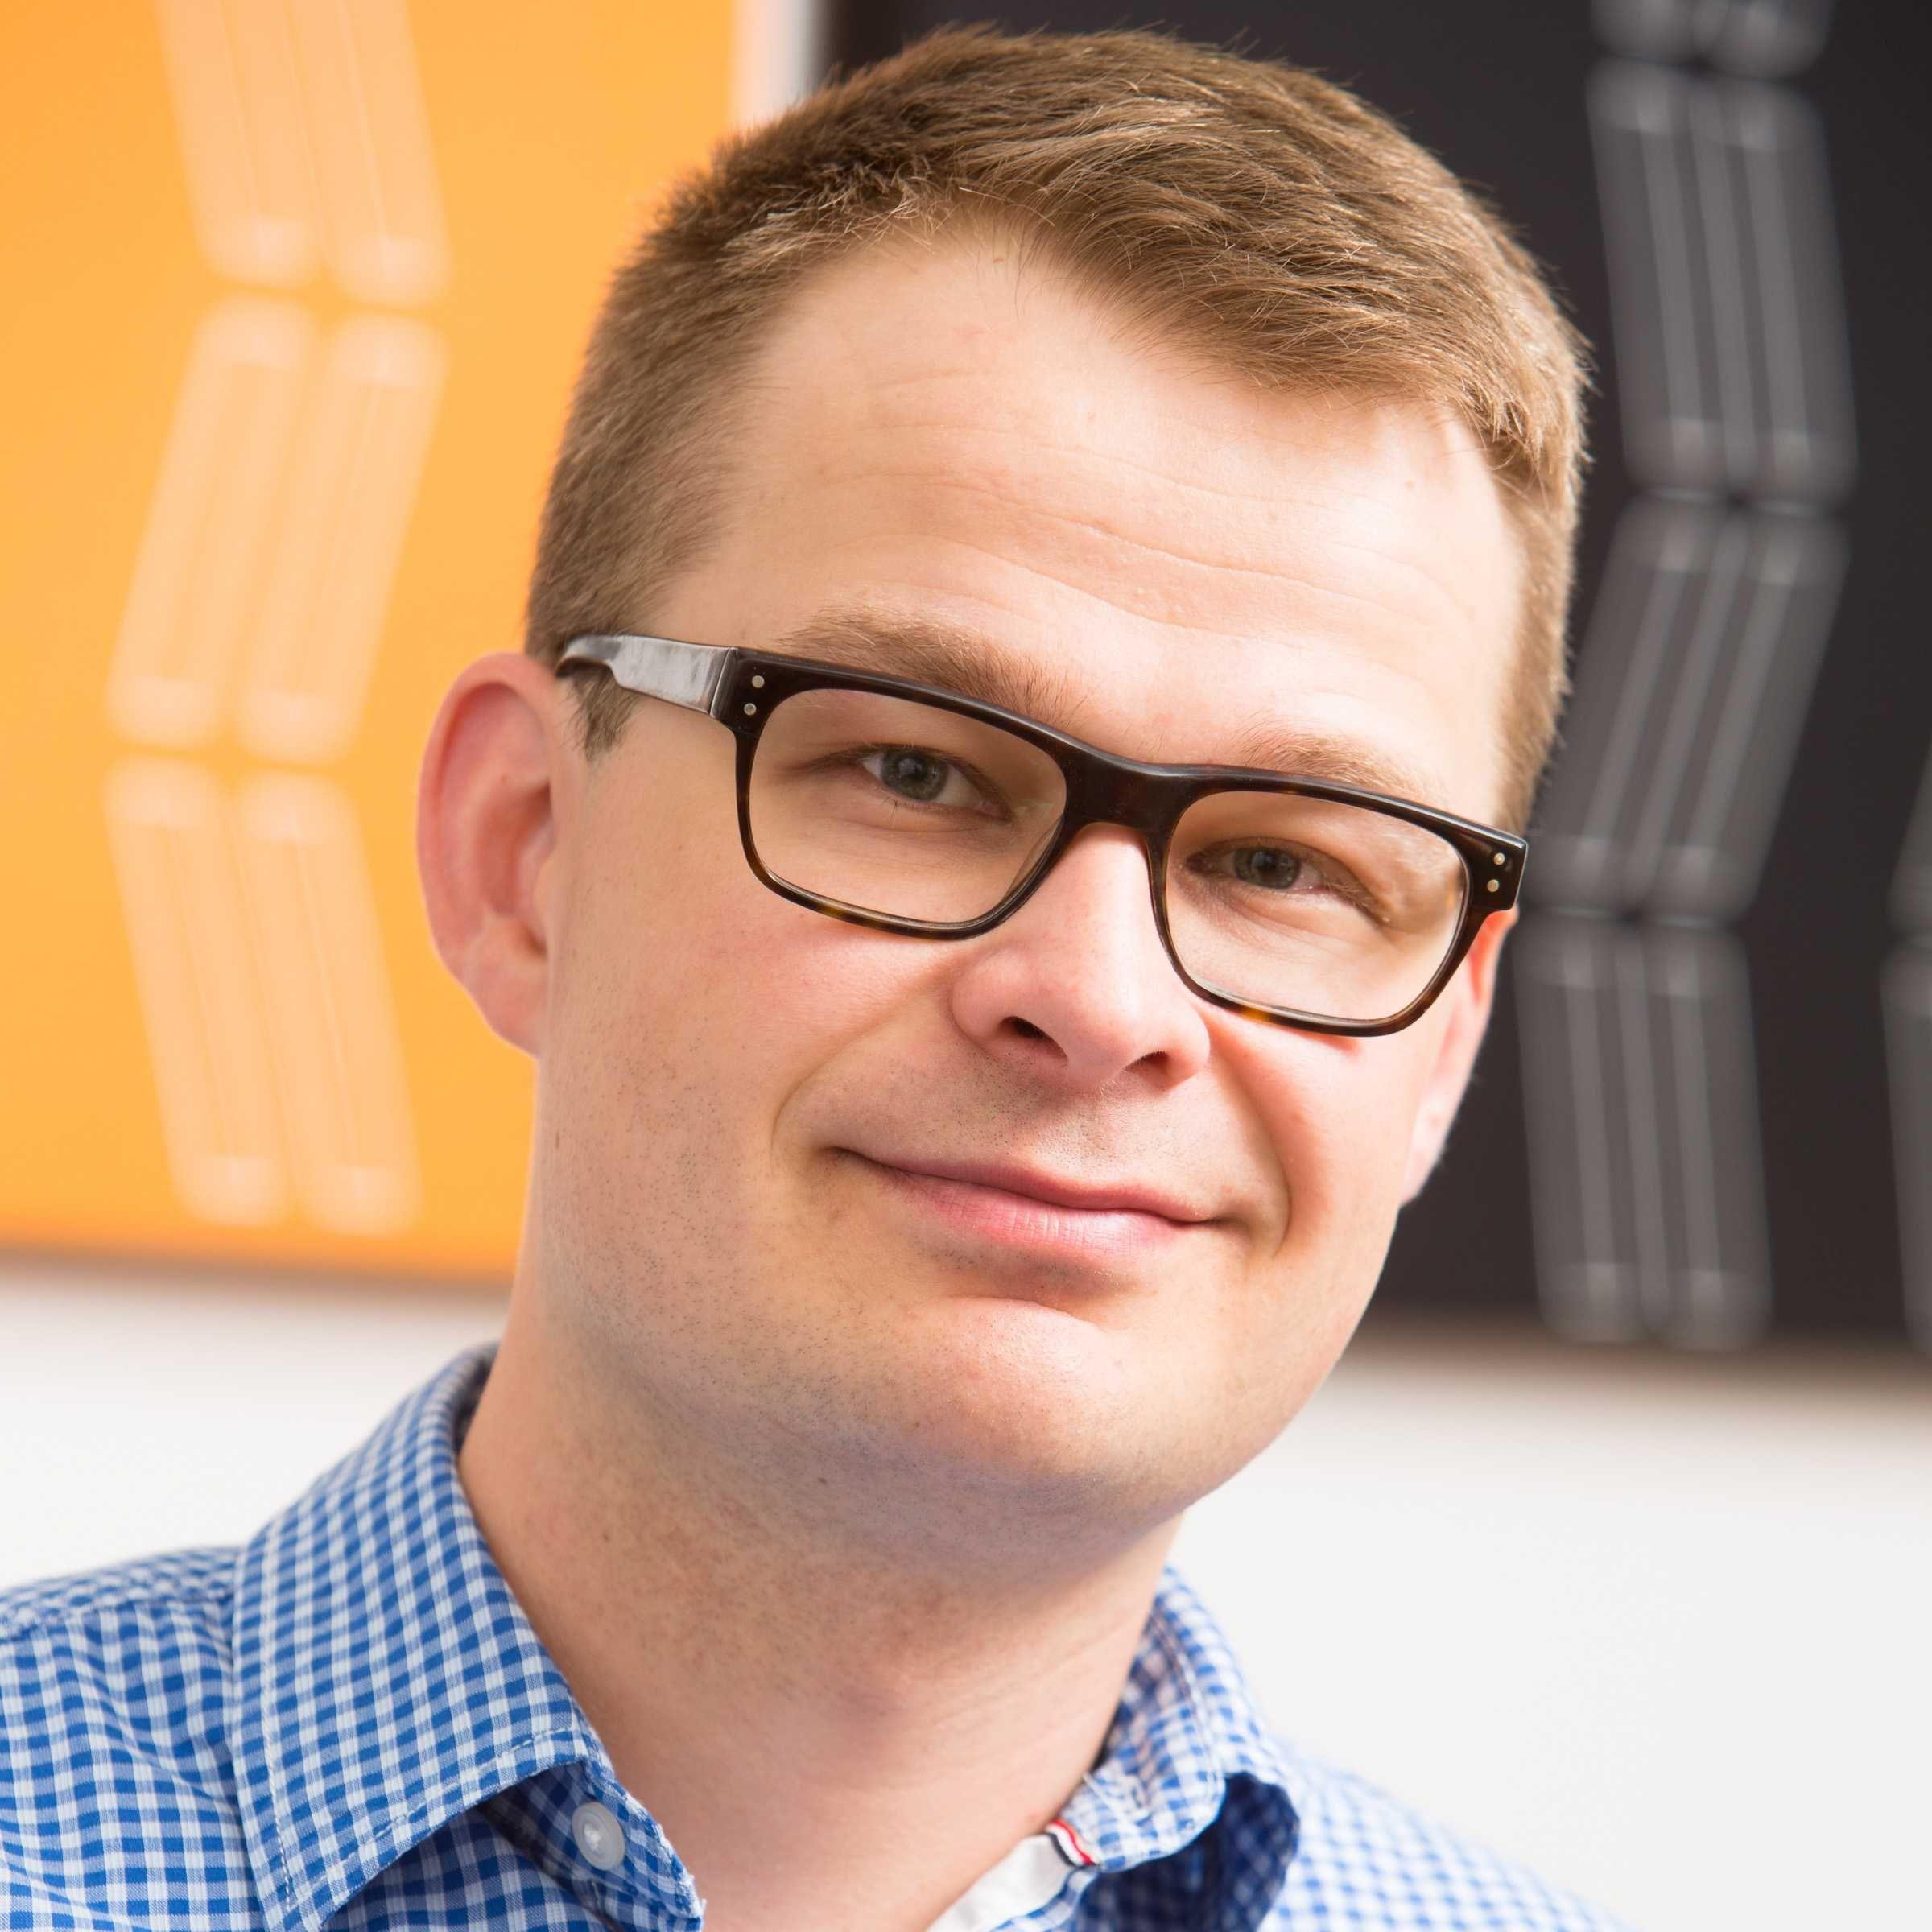 Antti Möller, viestintäasiantuntija palveluksessasi. Intresseinä startupit, teknologian mahdollisuudet ja yhteiskunnallinen  vaikuttaminen. Juokseminen ja optimistinen asenne pitävät miehen tiellä.  https://www.linkedin.com/in/anttimoller